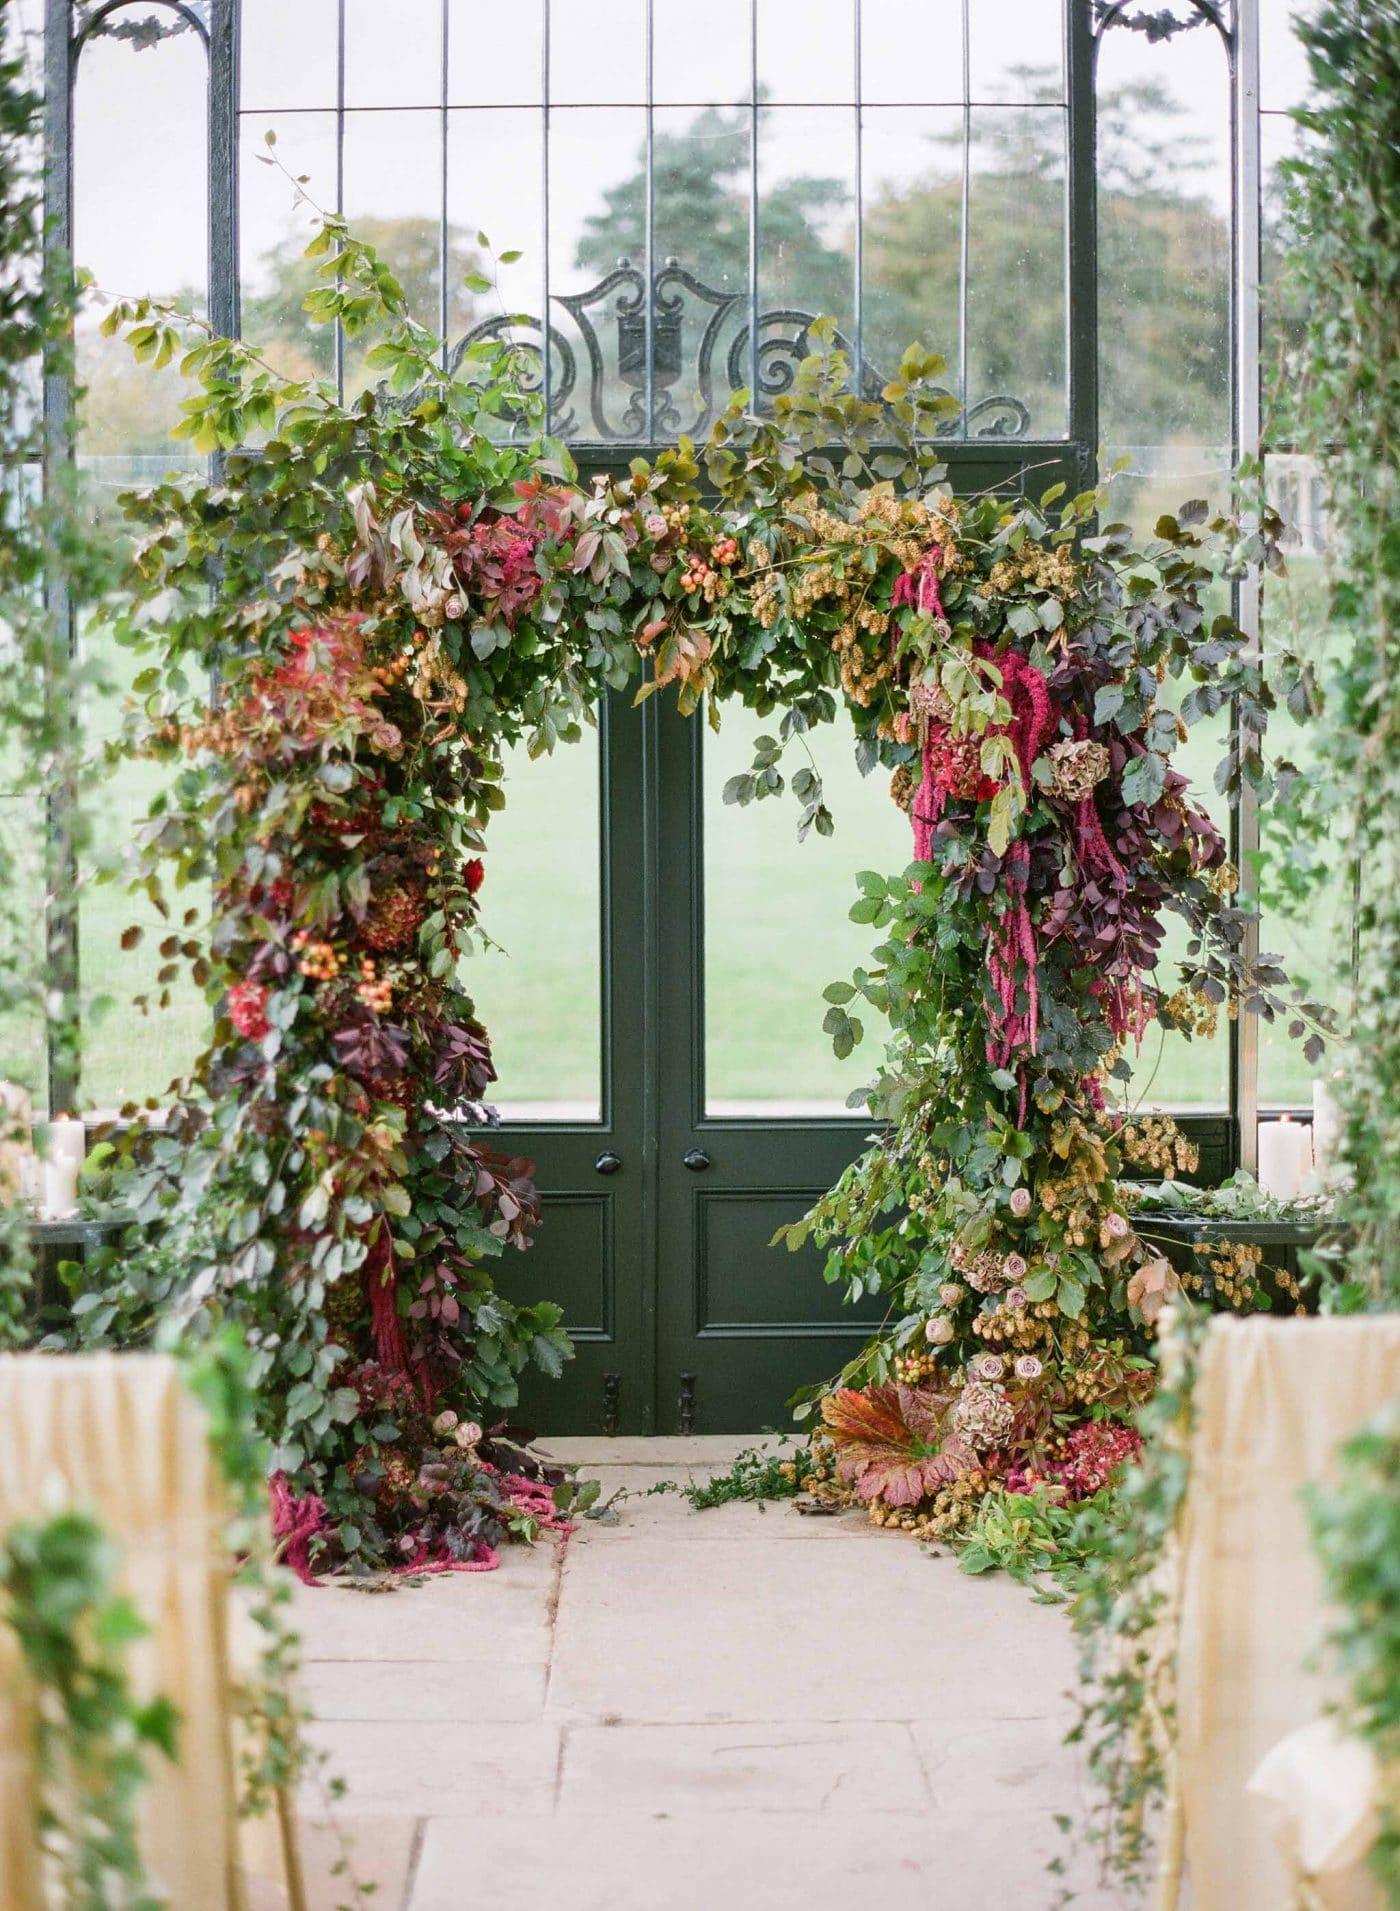 ballyfin house ireland wedding floral design   sarahwinward.com